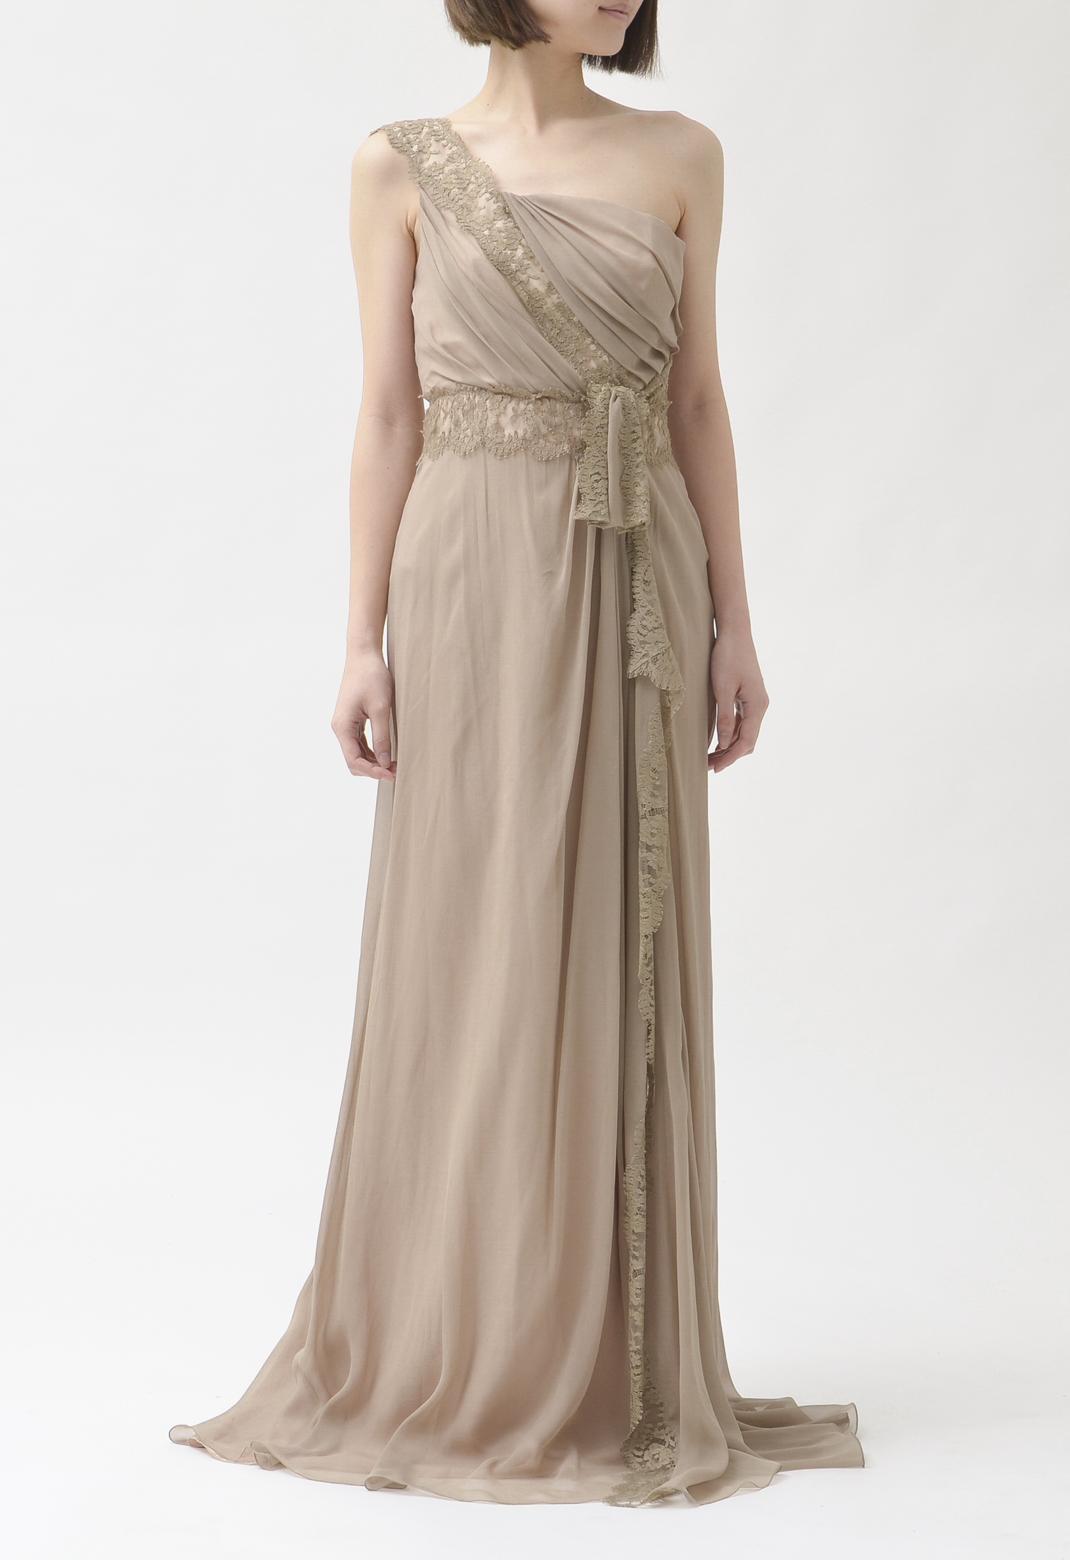 シルクレース ウエストリボン飾り ワンショルダー ロング ドレス